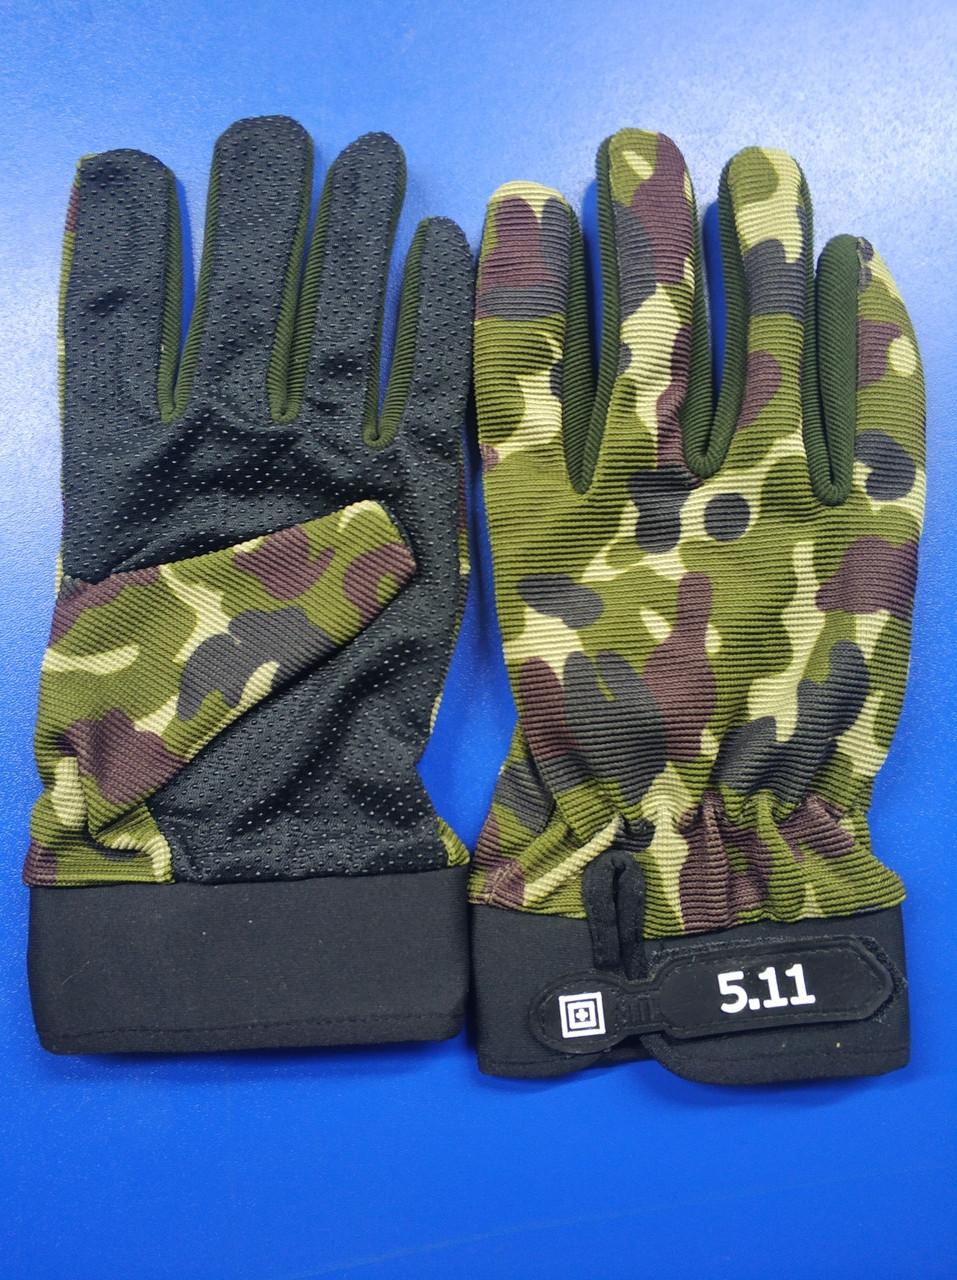 Тактичні військові рукавички полнопалые 5.11 Multicam розмір L (511-glmlk-l)